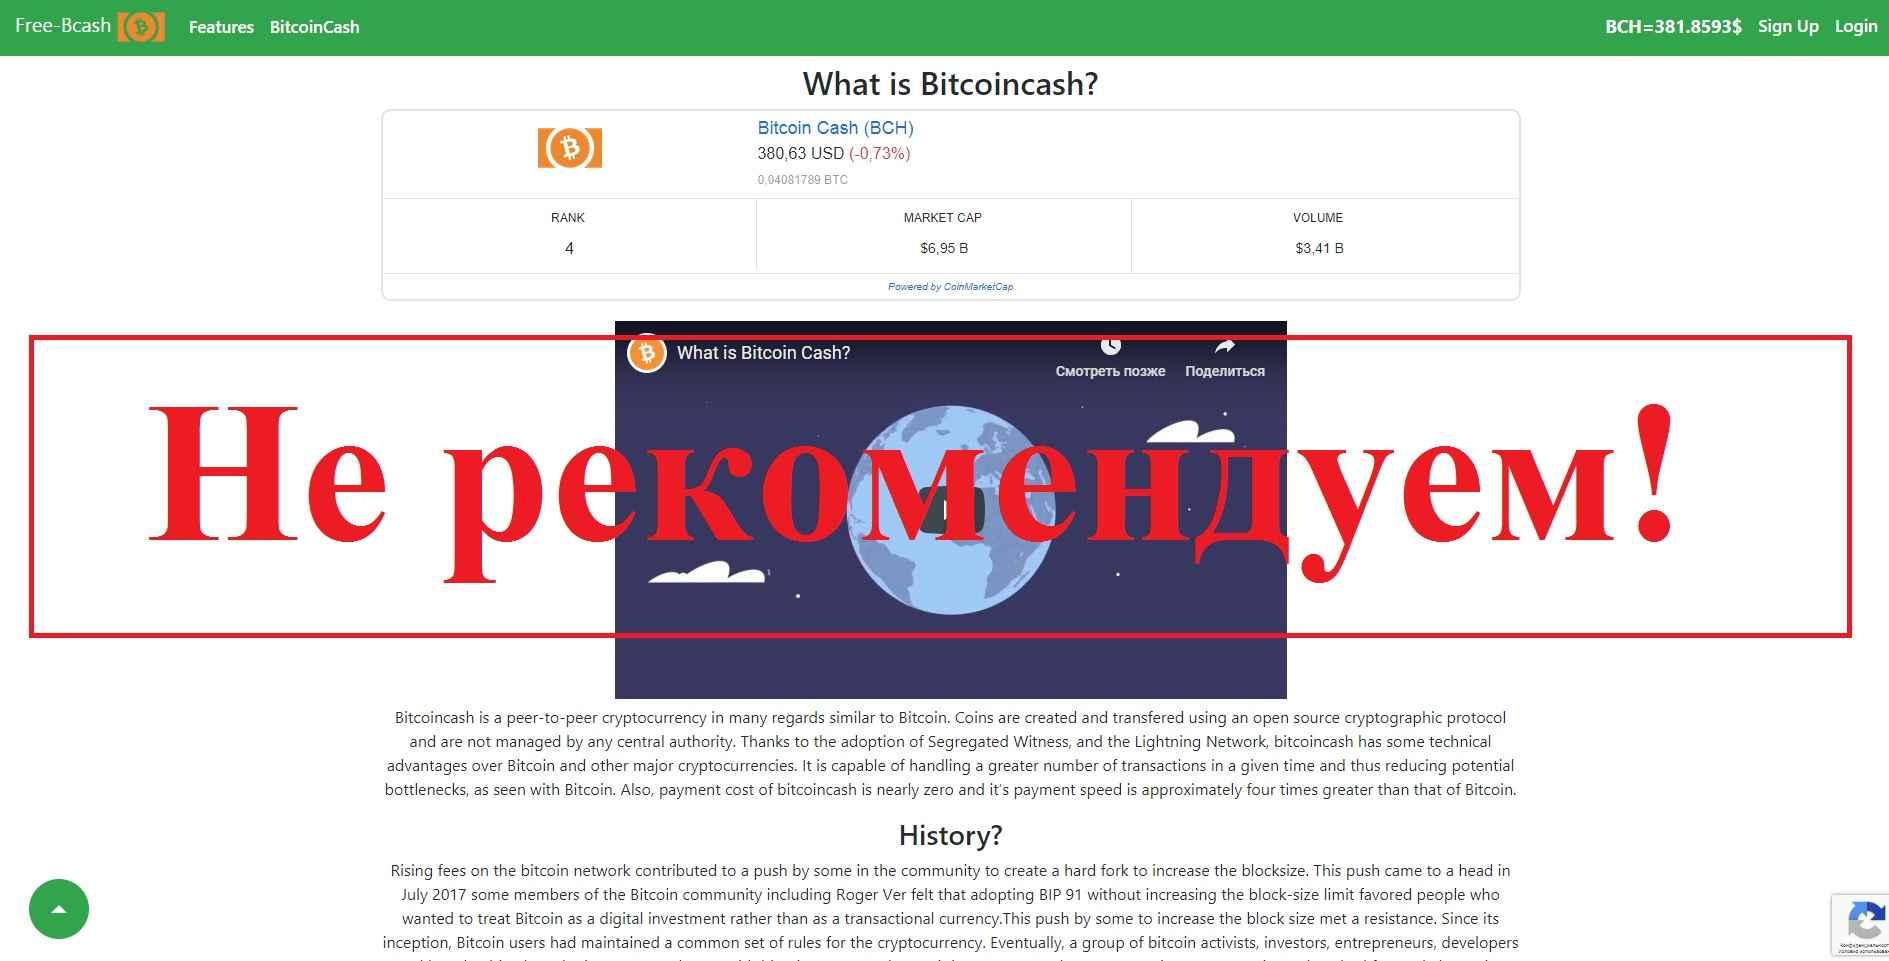 Free-Bcash.com – отзывы и репутация